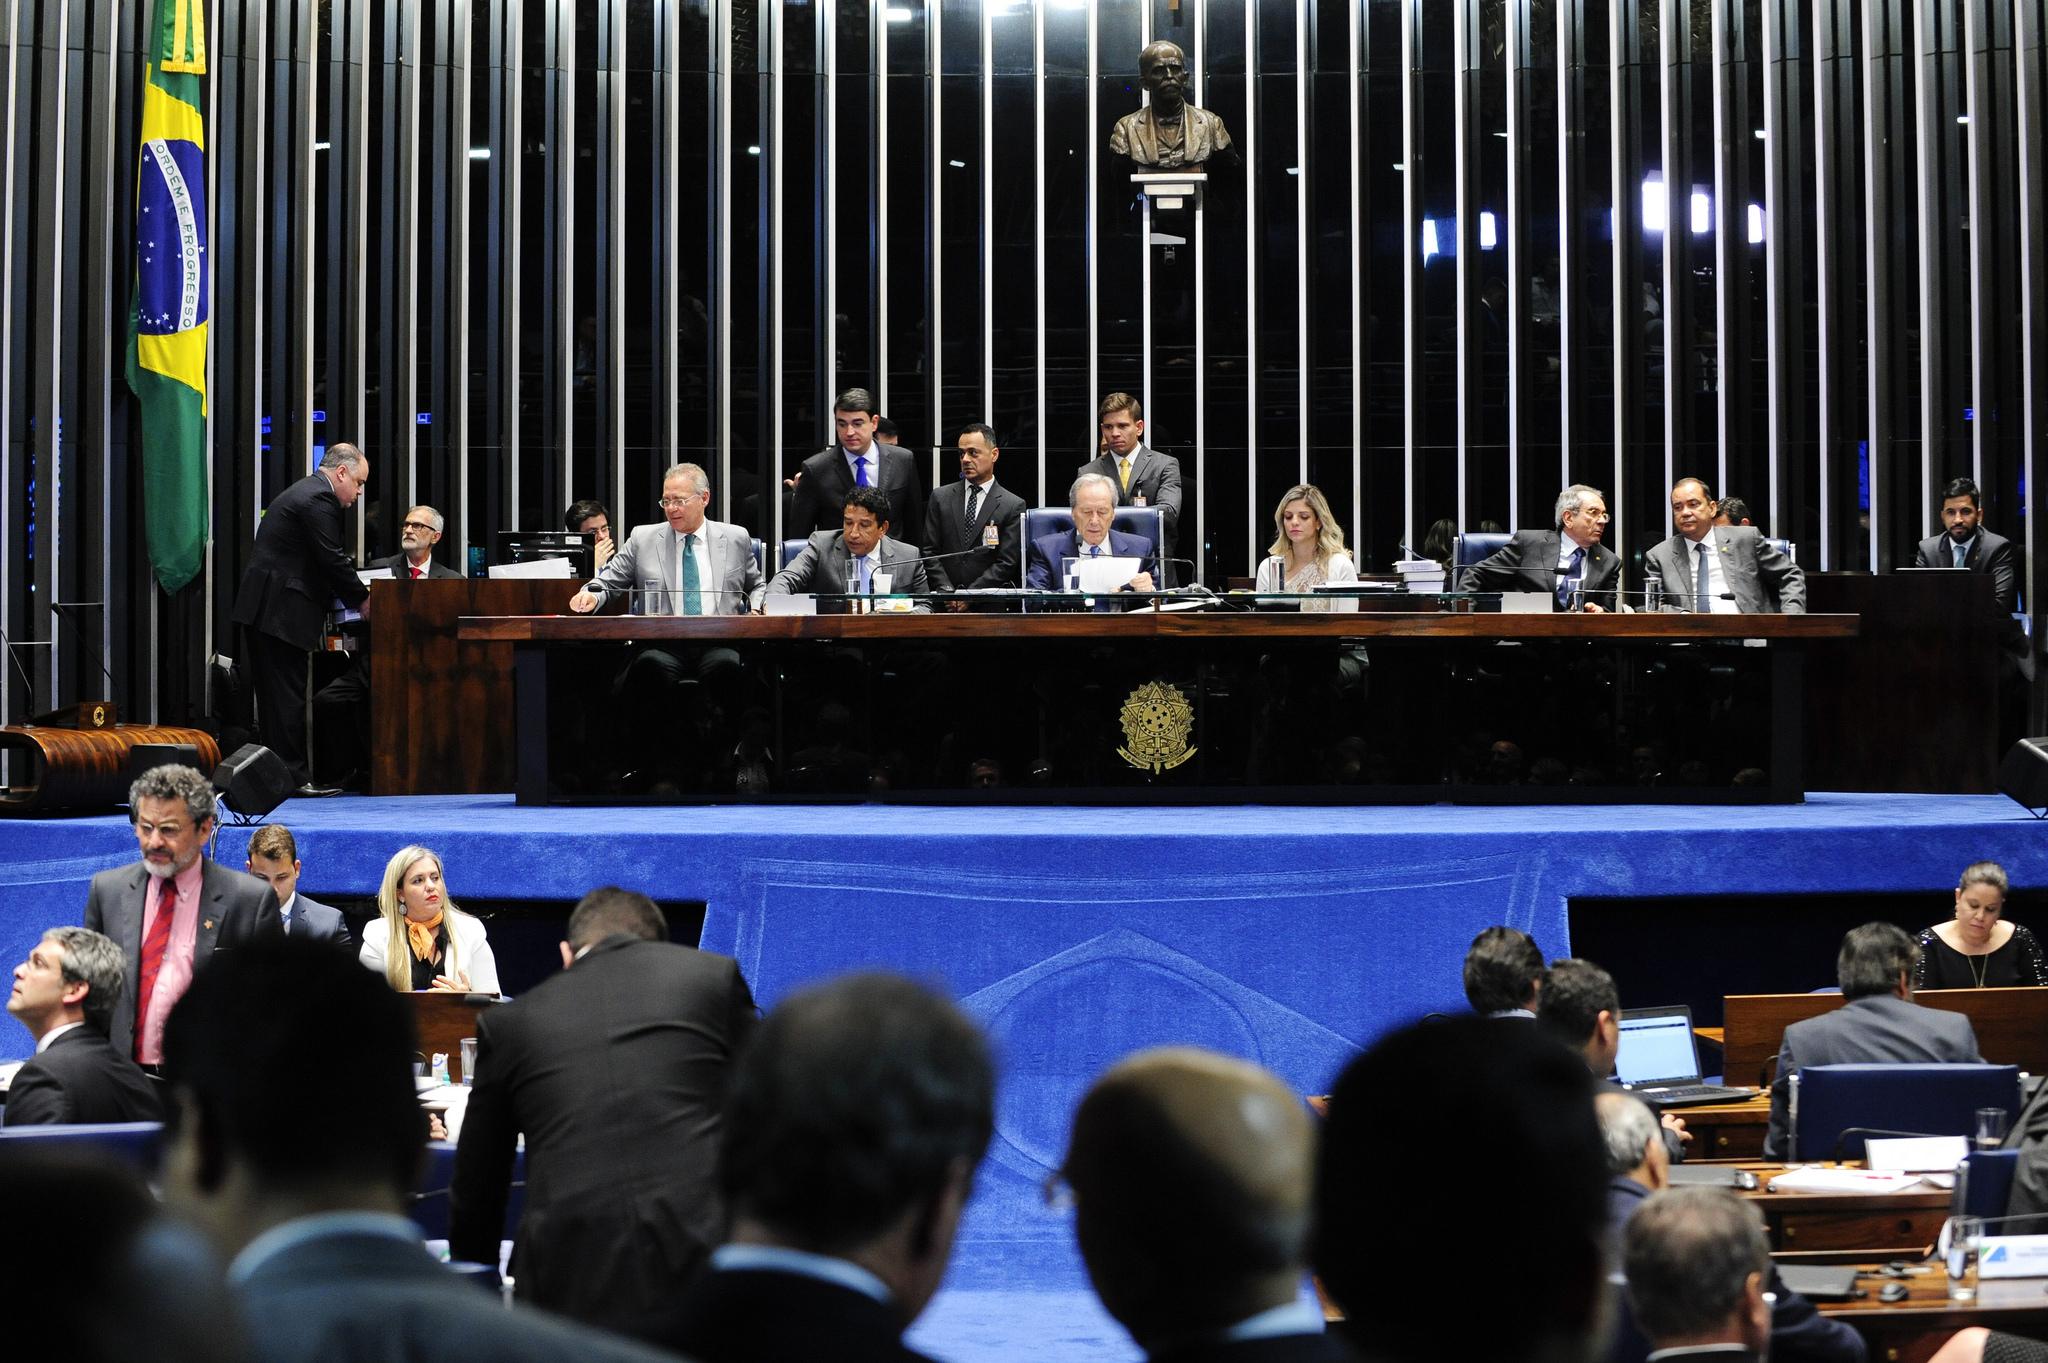 Sessão foi presidida pelo presidente do STF, Ricardo Lewandowski | Foto: Jonas Pereira / Agência Senado / OA